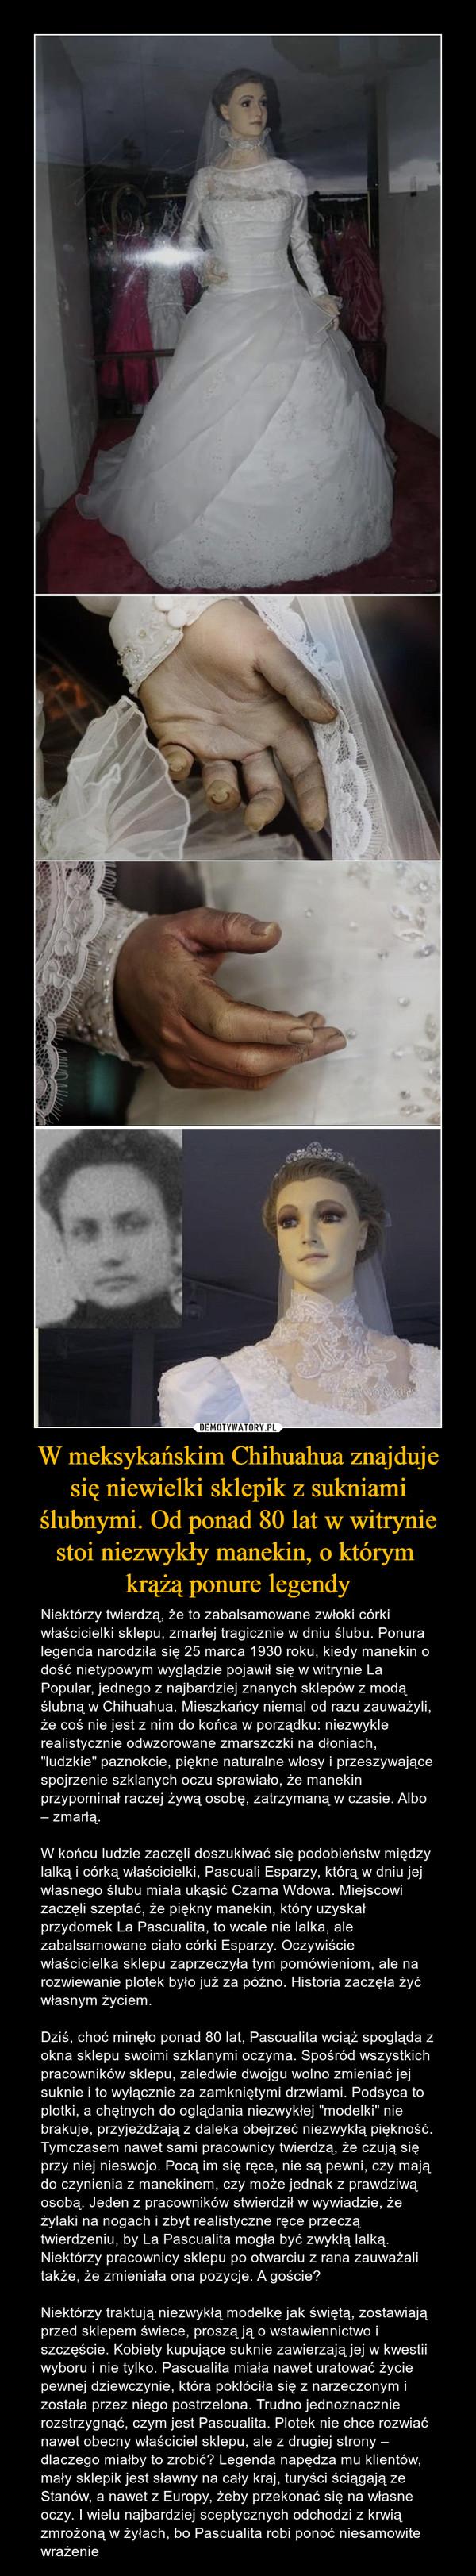 """W meksykańskim Chihuahua znajduje się niewielki sklepik z sukniami ślubnymi. Od ponad 80 lat w witrynie stoi niezwykły manekin, o którym krążą ponure legendy – Niektórzy twierdzą, że to zabalsamowane zwłoki córki właścicielki sklepu, zmarłej tragicznie w dniu ślubu. Ponura legenda narodziła się 25 marca 1930 roku, kiedy manekin o dość nietypowym wyglądzie pojawił się w witrynie La Popular, jednego z najbardziej znanych sklepów z modą ślubną w Chihuahua. Mieszkańcy niemal od razu zauważyli, że coś nie jest z nim do końca w porządku: niezwykle realistycznie odwzorowane zmarszczki na dłoniach, """"ludzkie"""" paznokcie, piękne naturalne włosy i przeszywające spojrzenie szklanych oczu sprawiało, że manekin przypominał raczej żywą osobę, zatrzymaną w czasie. Albo – zmarłą. W końcu ludzie zaczęli doszukiwać się podobieństw między lalką i córką właścicielki, Pascuali Esparzy, którą w dniu jej własnego ślubu miała ukąsić Czarna Wdowa. Miejscowi zaczęli szeptać, że piękny manekin, który uzyskał przydomek La Pascualita, to wcale nie lalka, ale zabalsamowane ciało córki Esparzy. Oczywiście właścicielka sklepu zaprzeczyła tym pomówieniom, ale na rozwiewanie plotek było już za późno. Historia zaczęła żyć własnym życiem. Dziś, choć minęło ponad 80 lat, Pascualita wciąż spogląda z okna sklepu swoimi szklanymi oczyma. Spośród wszystkich pracowników sklepu, zaledwie dwojgu wolno zmieniać jej suknie i to wyłącznie za zamkniętymi drzwiami. Podsyca to plotki, a chętnych do oglądania niezwykłej """"modelki"""" nie brakuje, przyjeżdżają z daleka obejrzeć niezwykłą piękność. Tymczasem nawet sami pracownicy twierdzą, że czują się przy niej nieswojo. Pocą im się ręce, nie są pewni, czy mają do czynienia z manekinem, czy może jednak z prawdziwą osobą. Jeden z pracowników stwierdził w wywiadzie, że żylaki na nogach i zbyt realistyczne ręce przeczą twierdzeniu, by La Pascualita mogła być zwykłą lalką. Niektórzy pracownicy sklepu po otwarciu z rana zauważali także, że zmieniała ona pozycje. A goście? Niekt"""